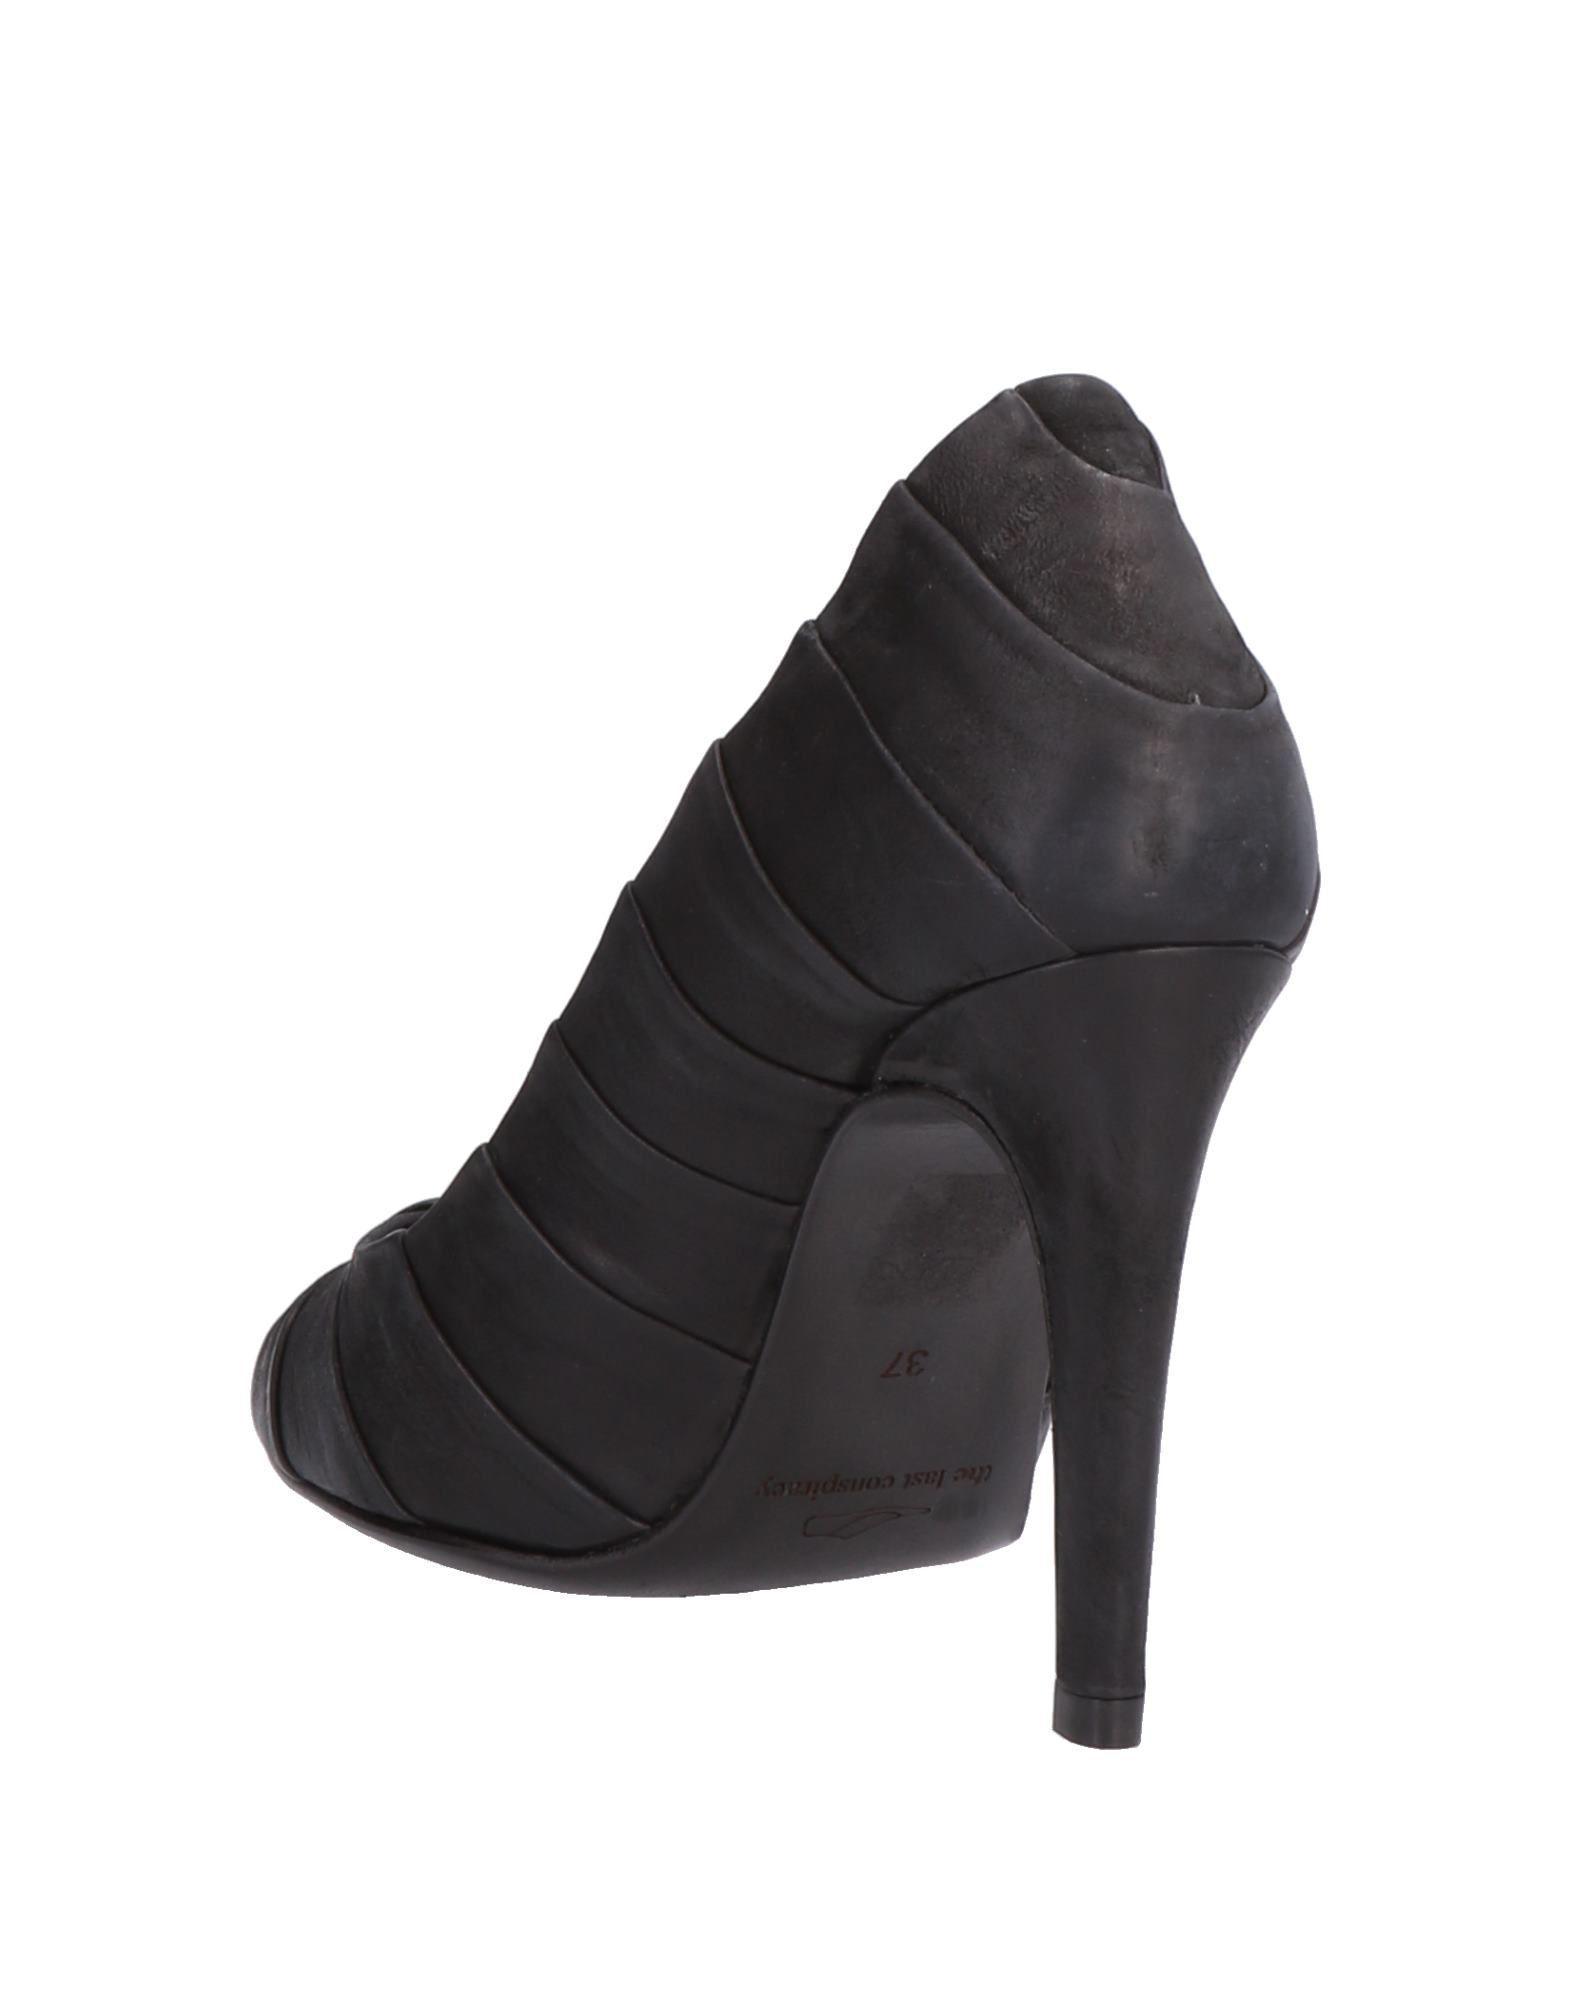 Zapatos de salón The Last Conspiracy de Cuero de color Negro